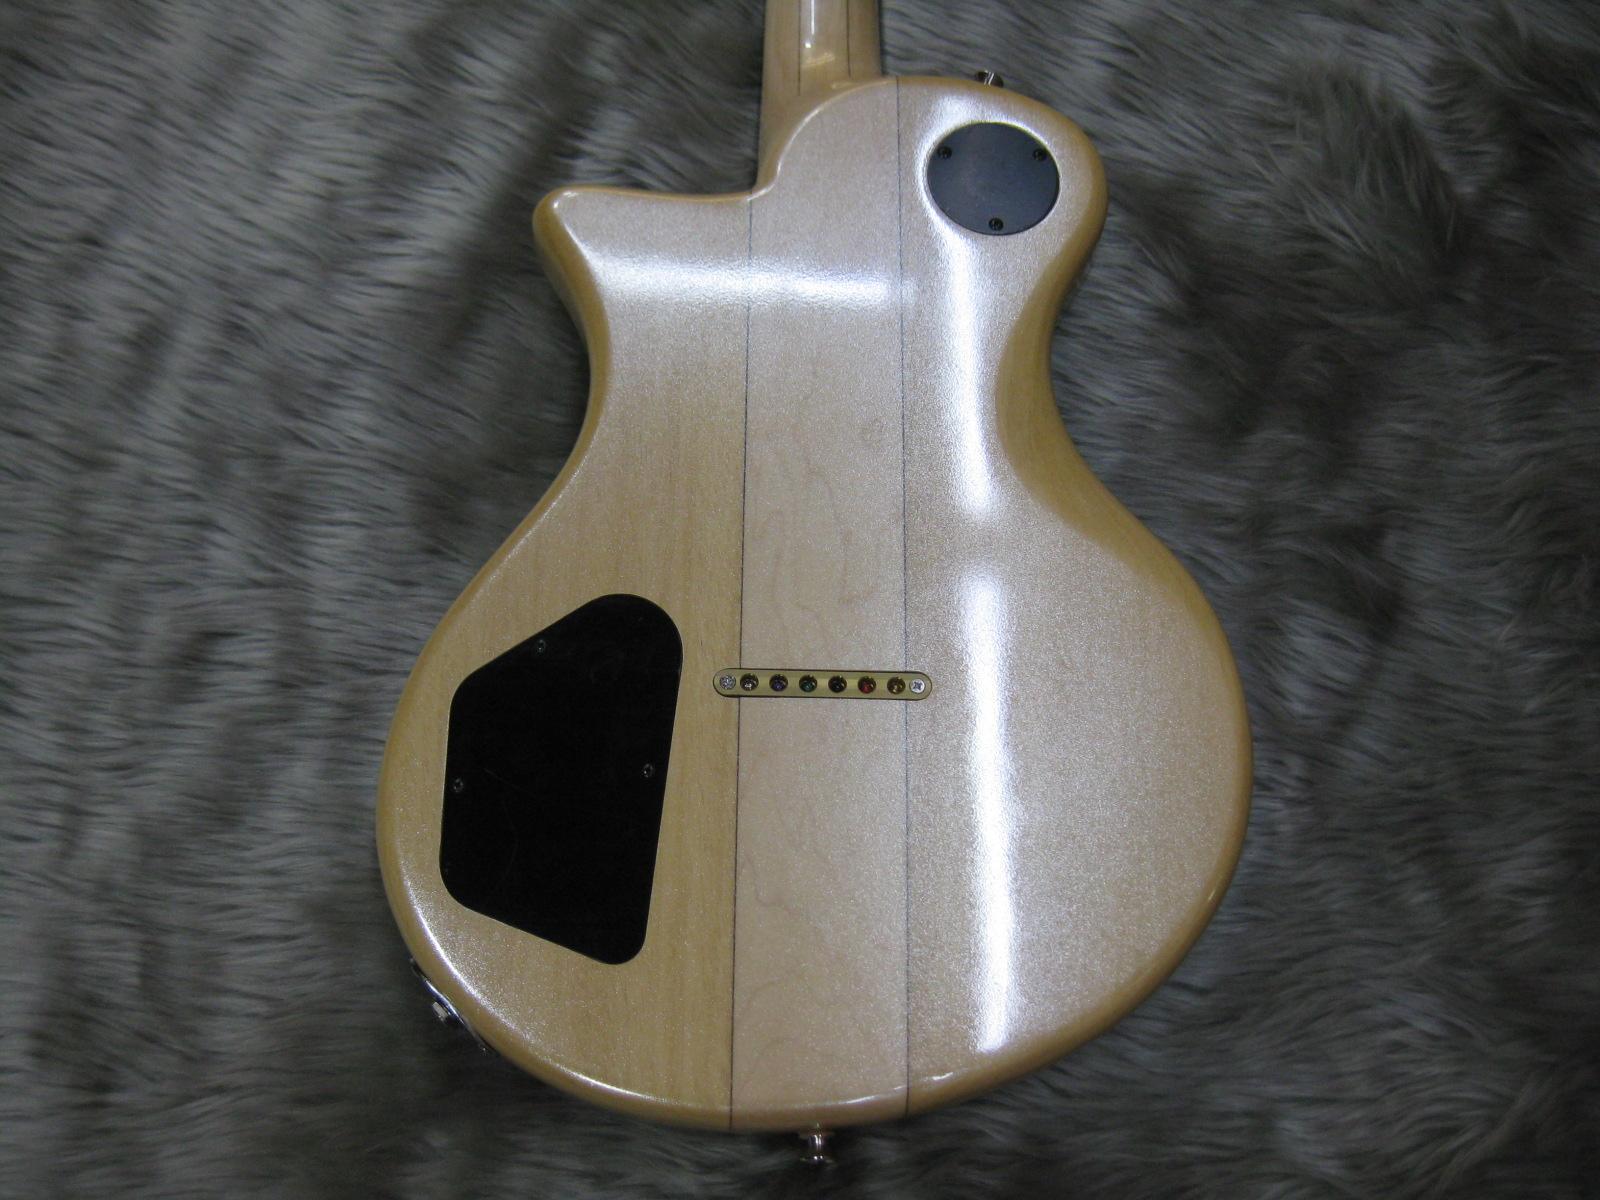 BUMBLE-F4のヘッド裏-アップ画像